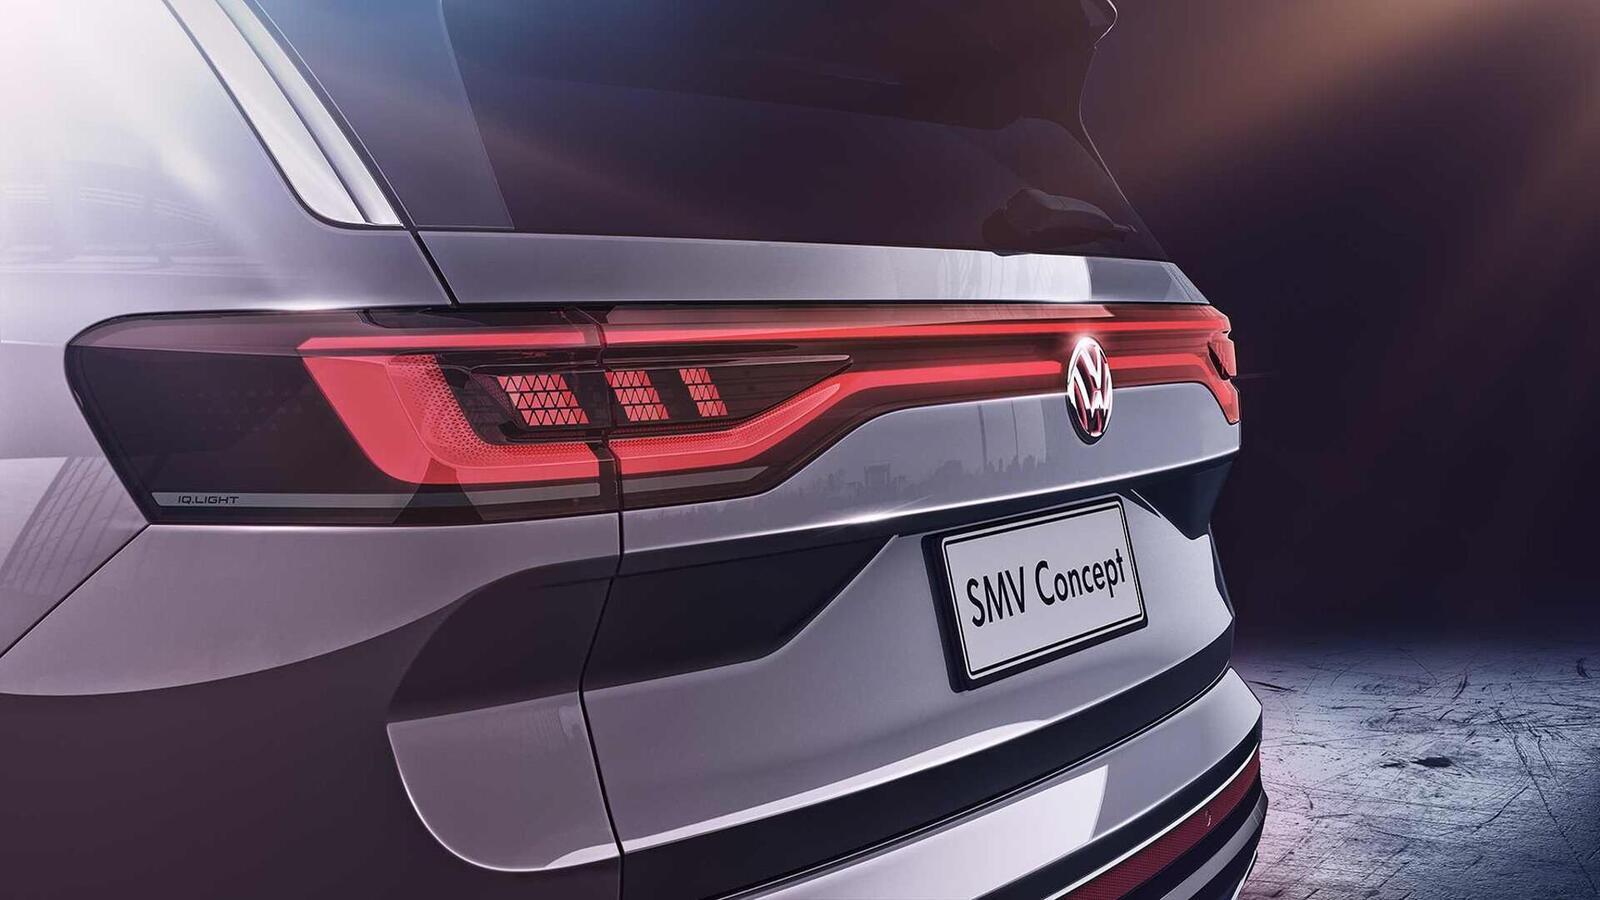 Volkswagen giới thiệu SUV SMV Concept hoàn toàn mới: Dài hơn 5m và lớn hơn cả Touareg - Hình 7